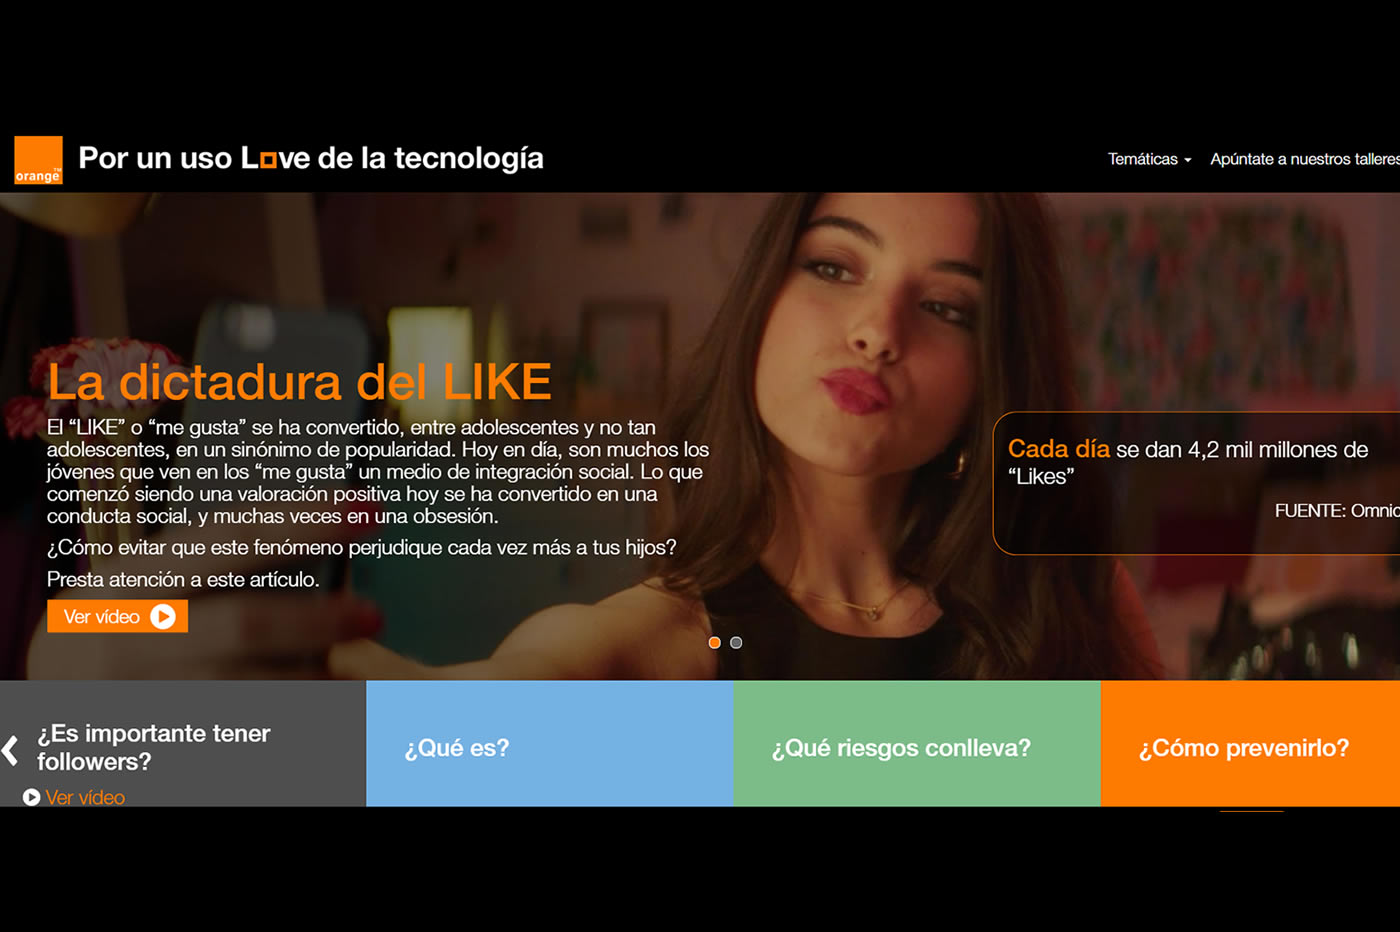 análisis por un uso love de la tecnologia orange